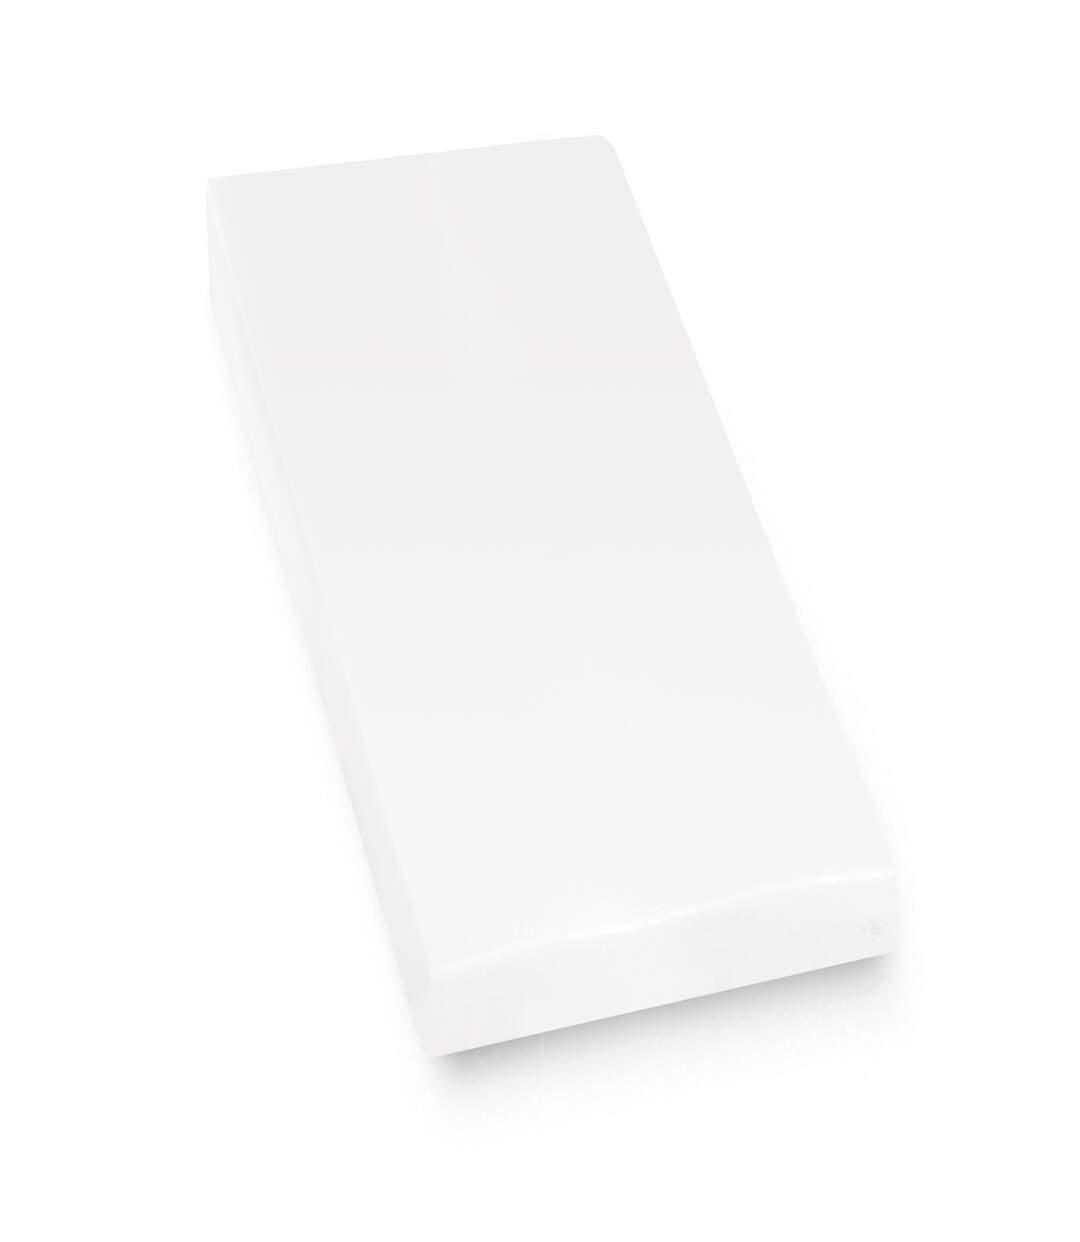 Protège matelas imperméable 70x200 cm bonnet 40cm ARNON molleton 100% coton contrecollé polyuréthane